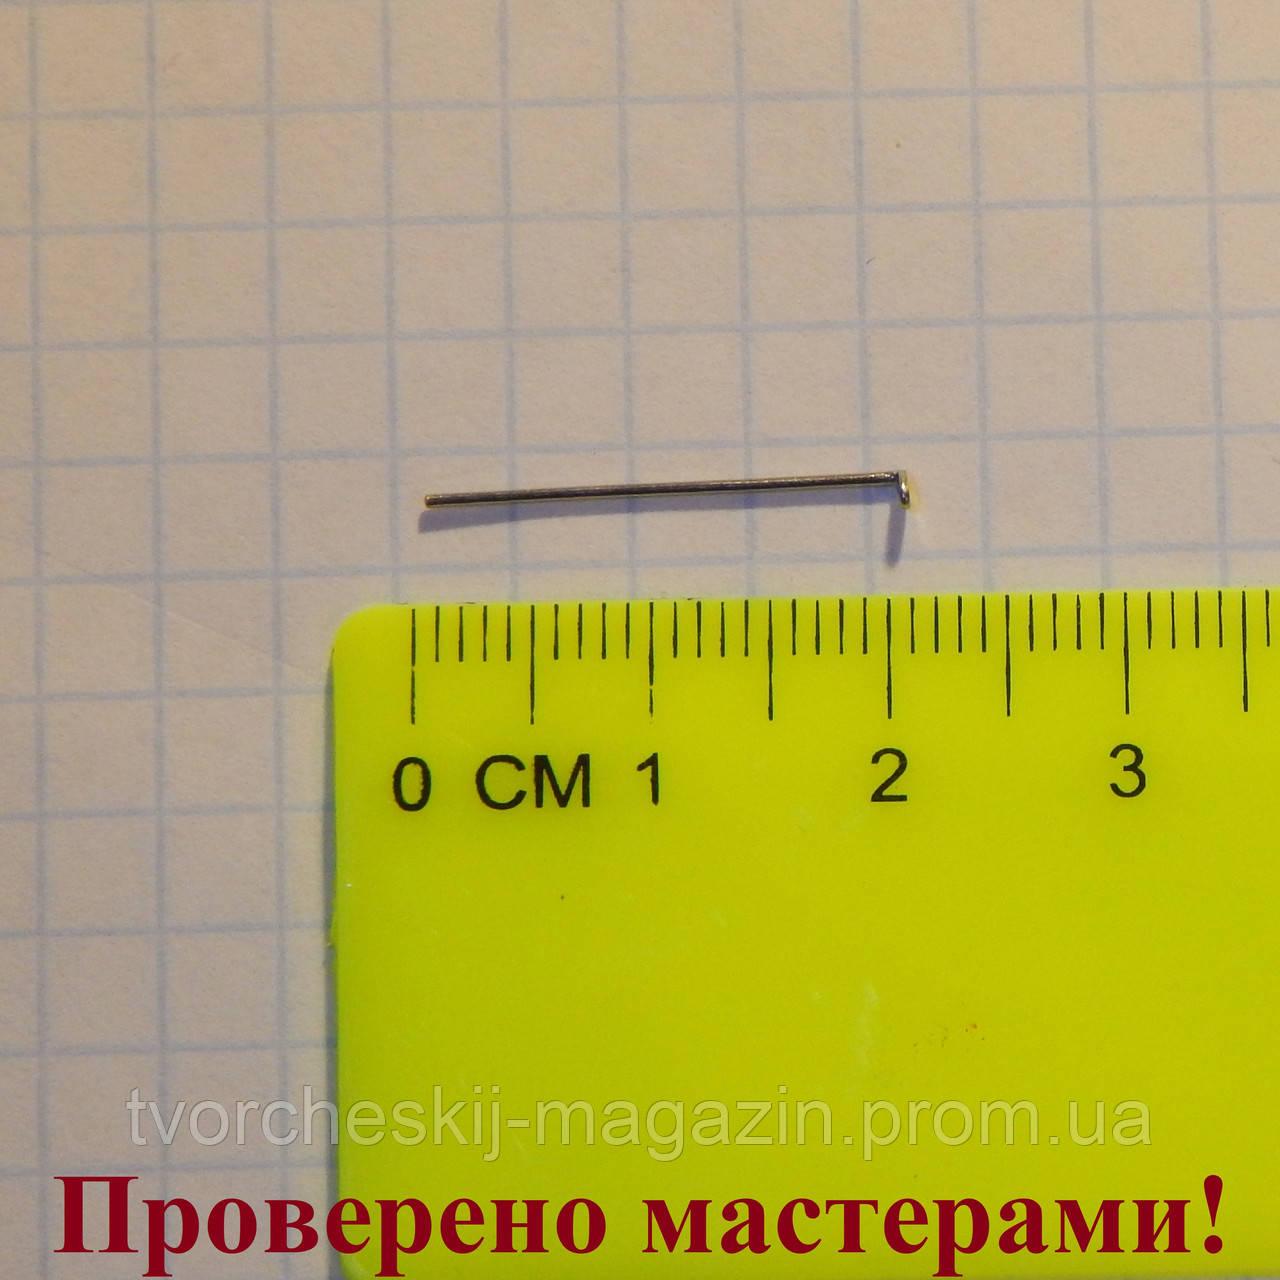 Гвоздик 2 см, медицинская сталь, 1 шт